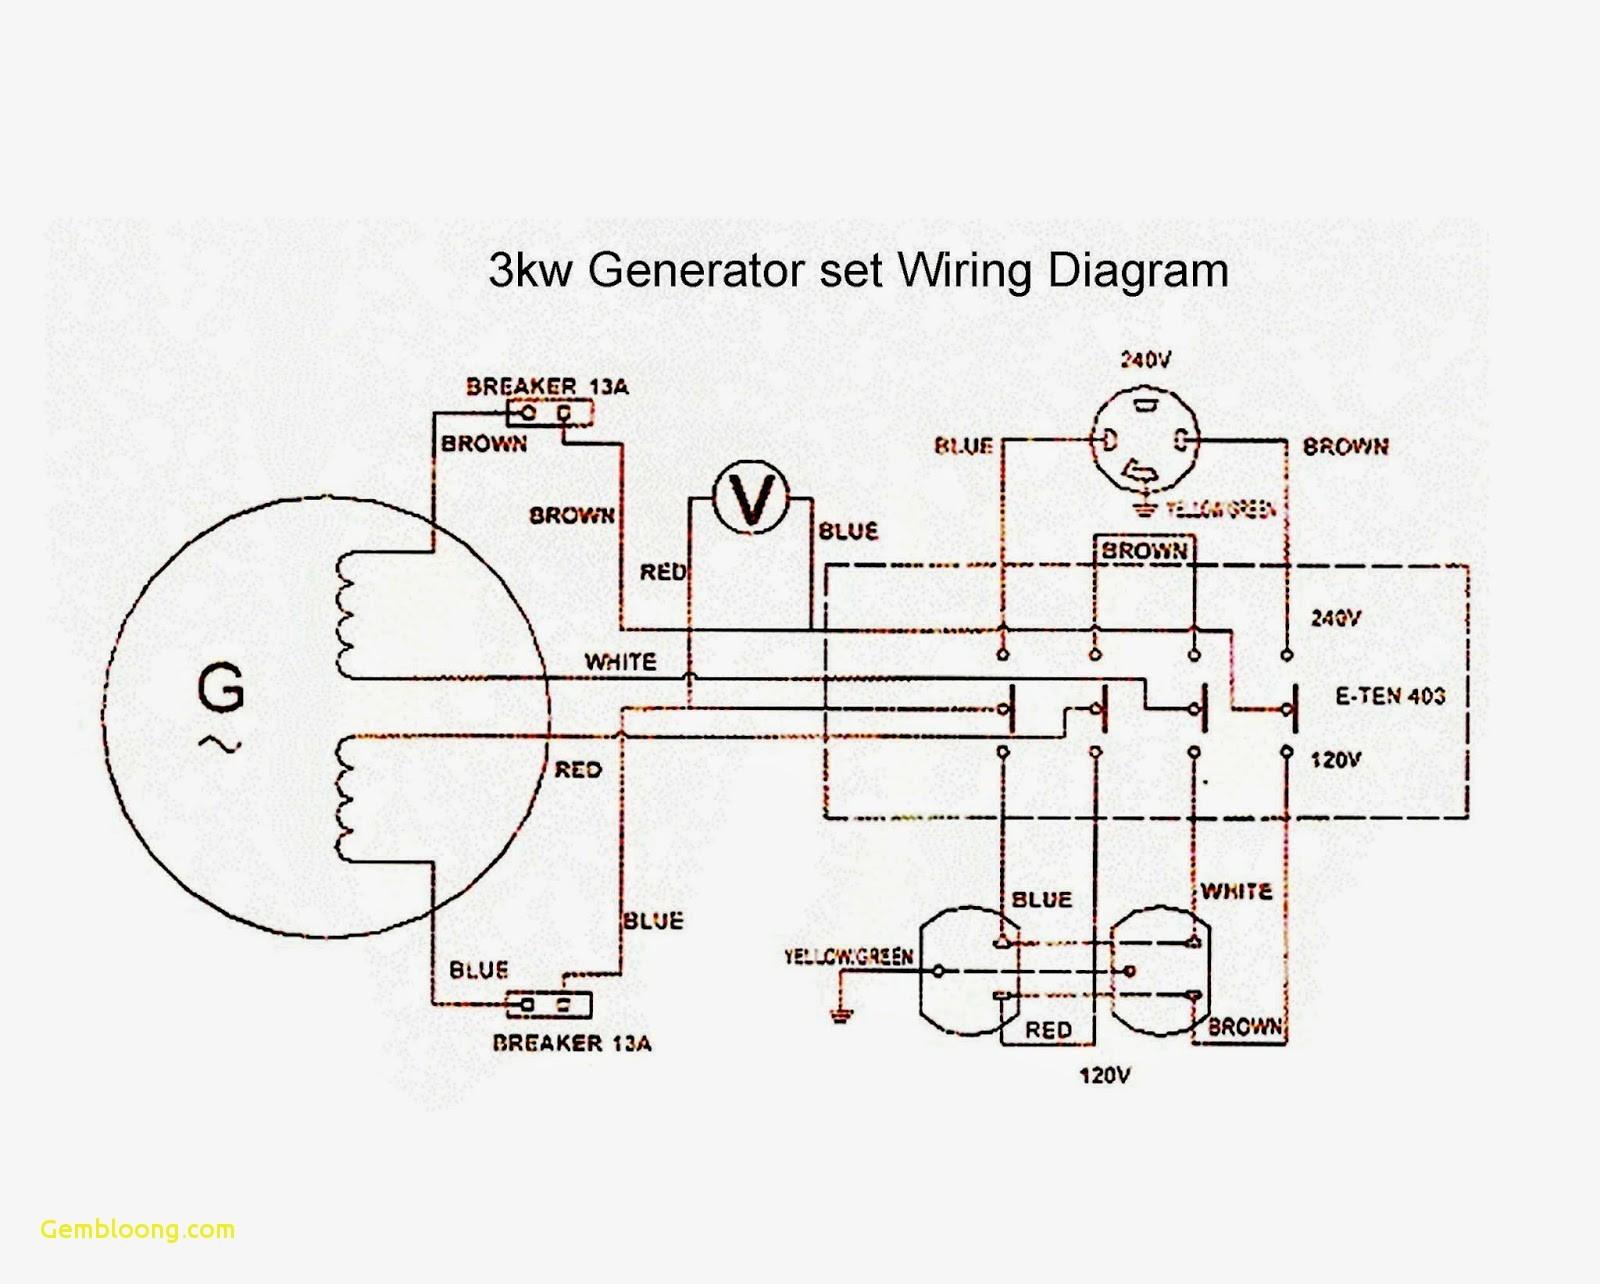 Starter Generator Wiring Diagram Aircraft Fresh Awesome Wiring Diagram for A Starter Motif Electrical Circuit